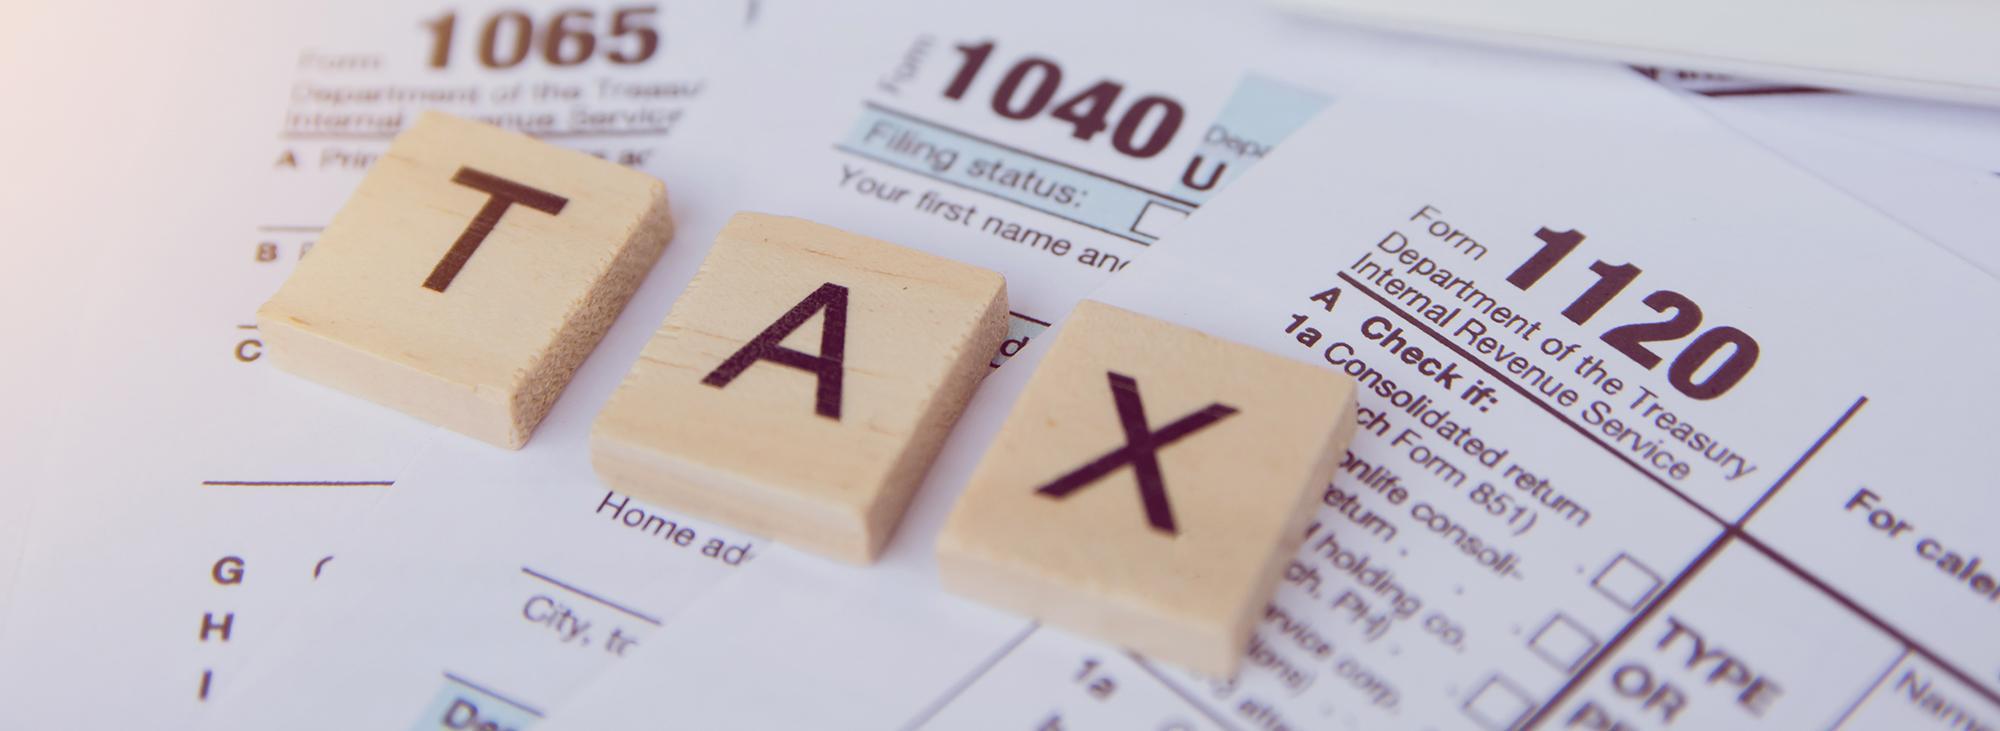 Pay 2020 City Taxes